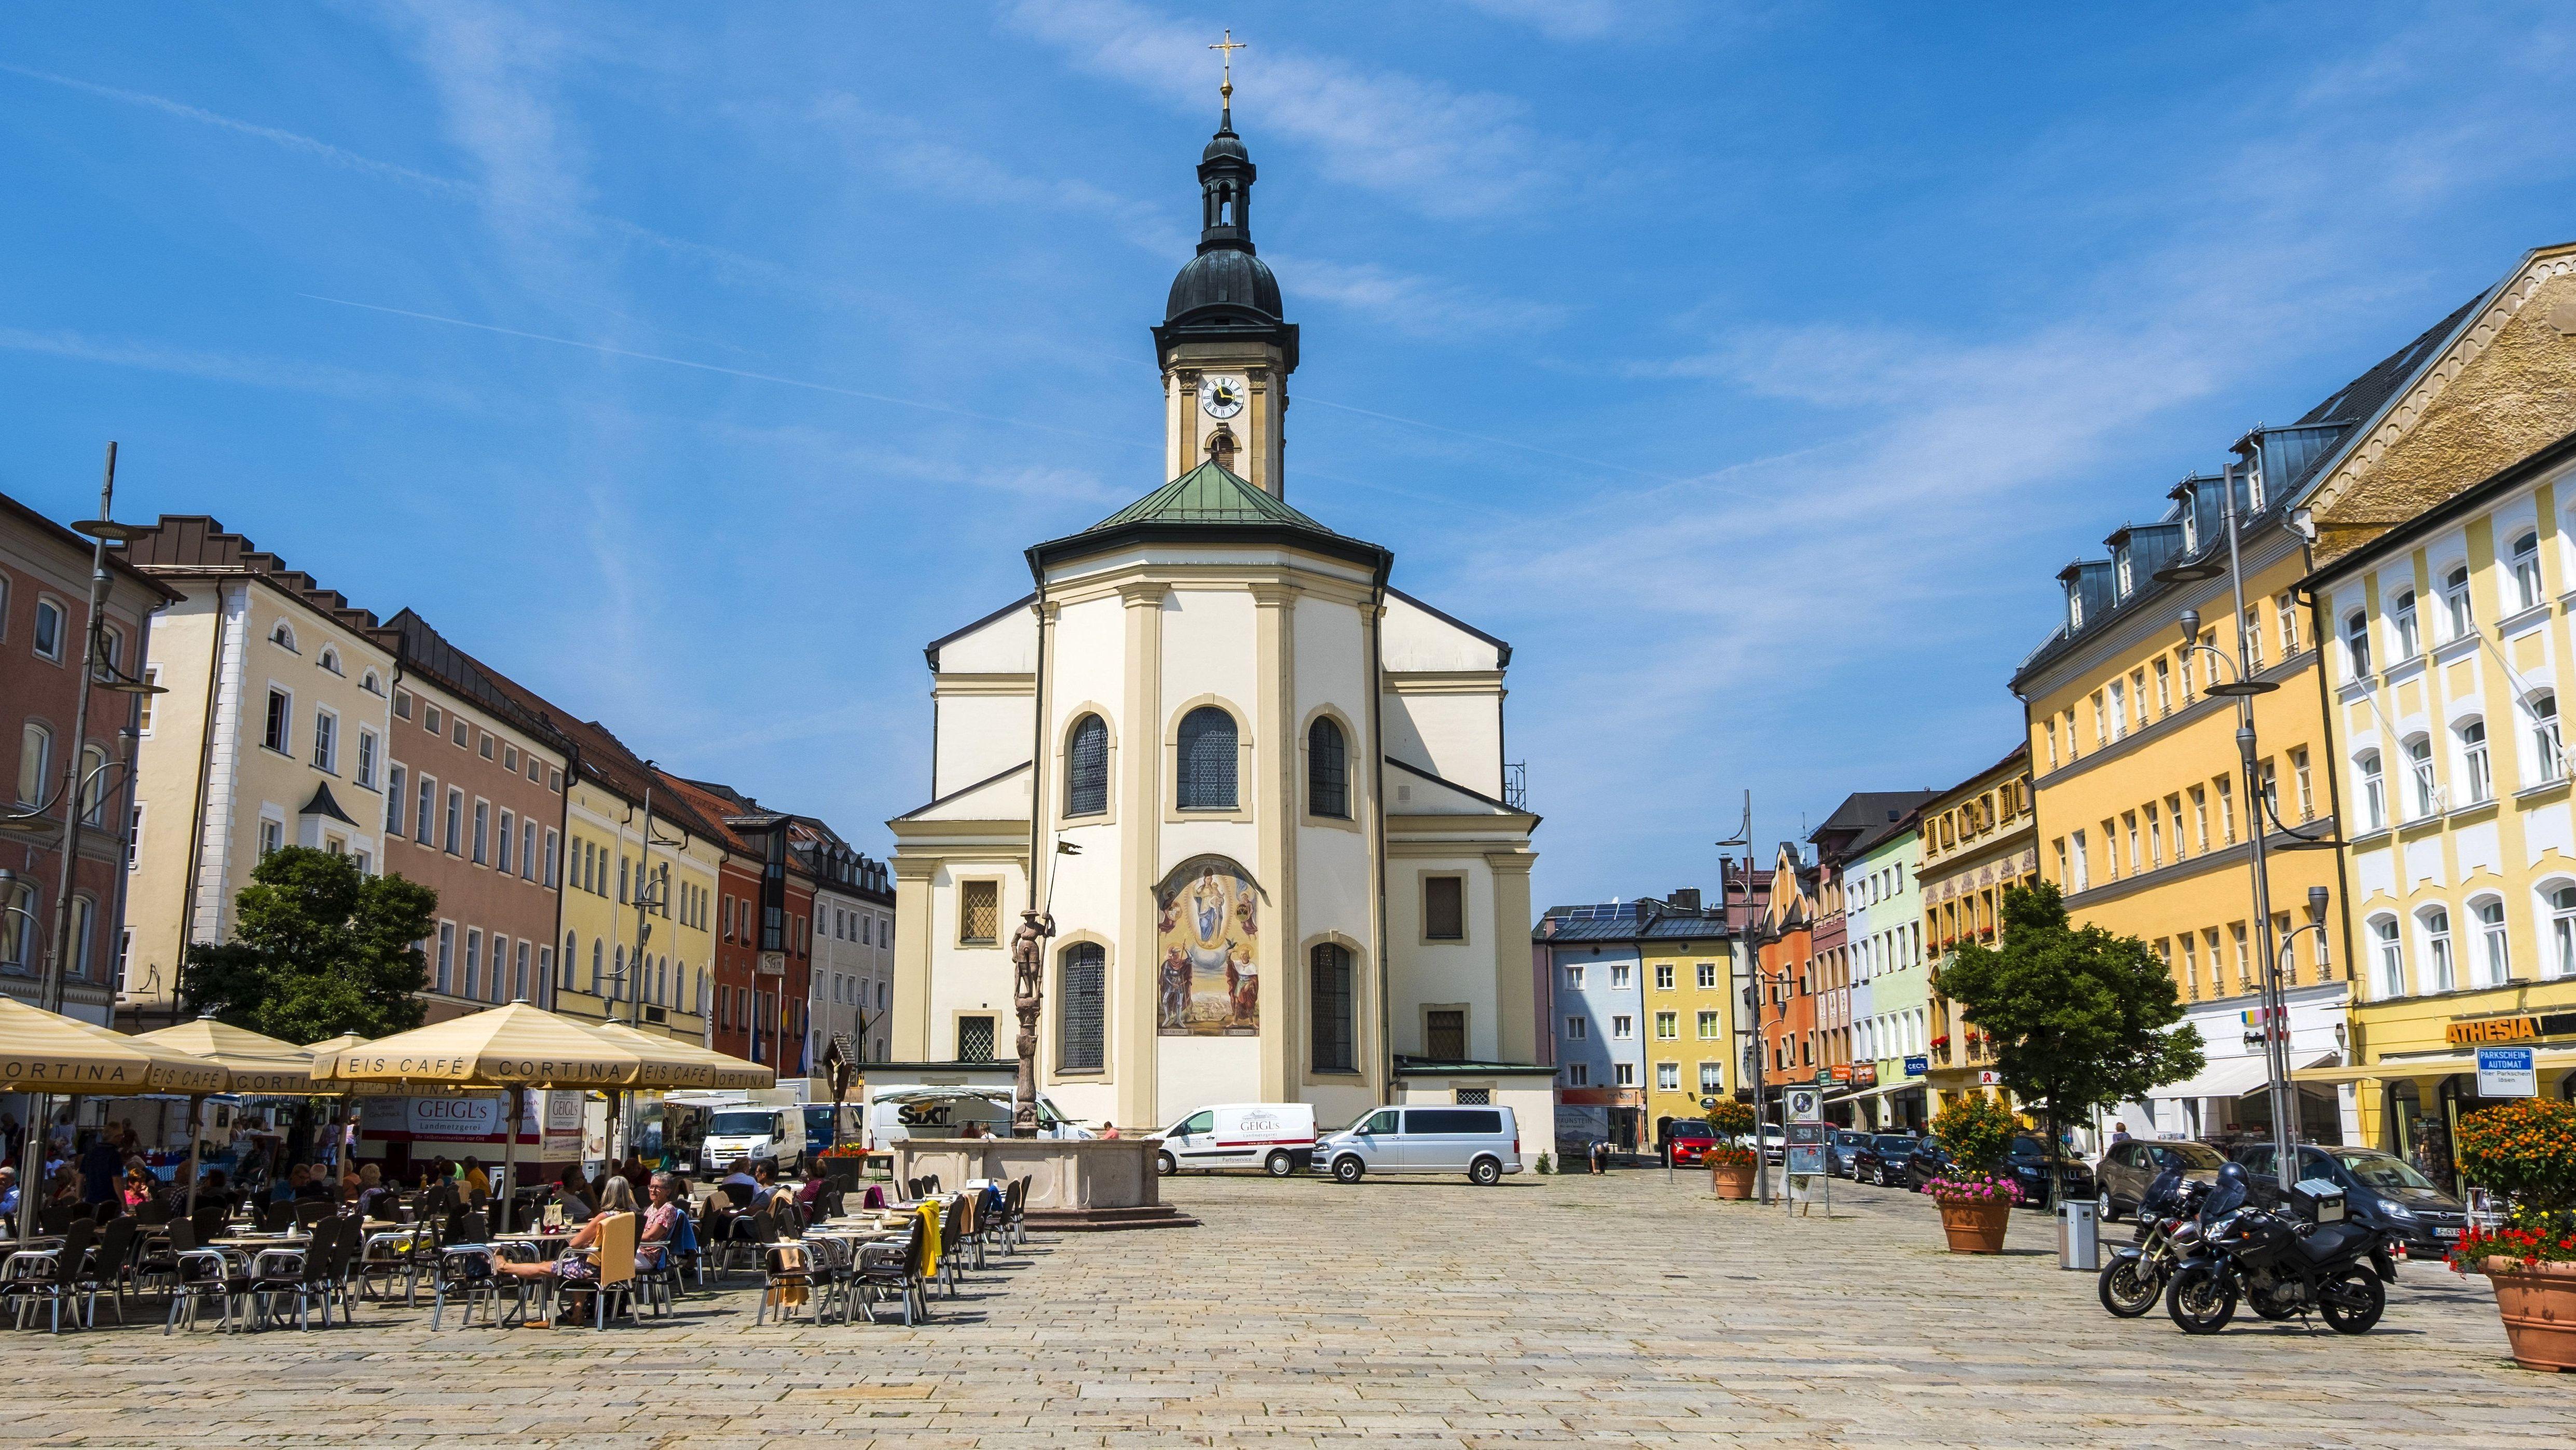 Die Innenstadt von Traunstein